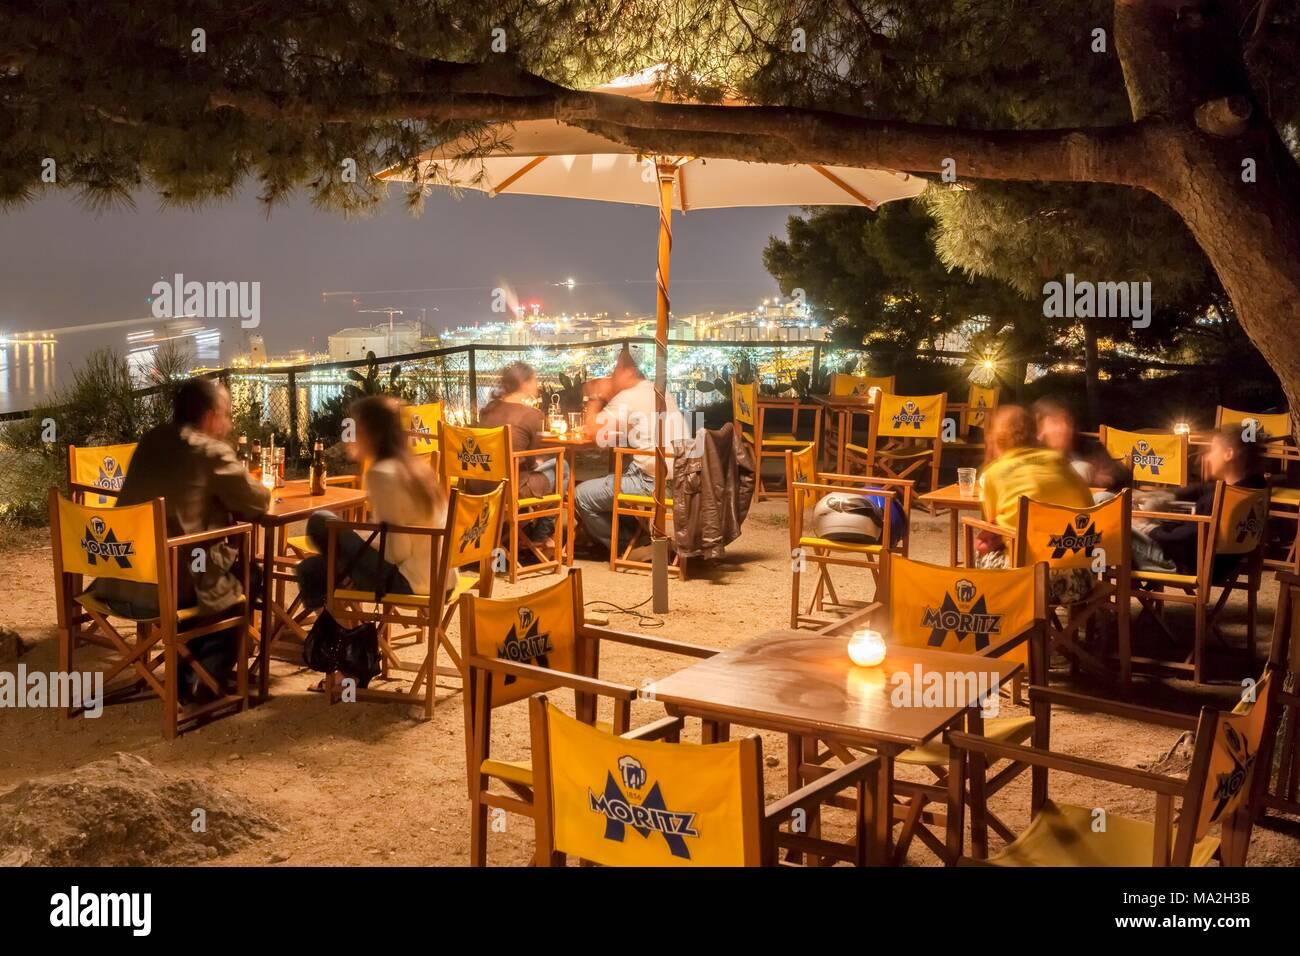 A Bar In Barcelona The Terrace Of La Caseta De Migdia In The